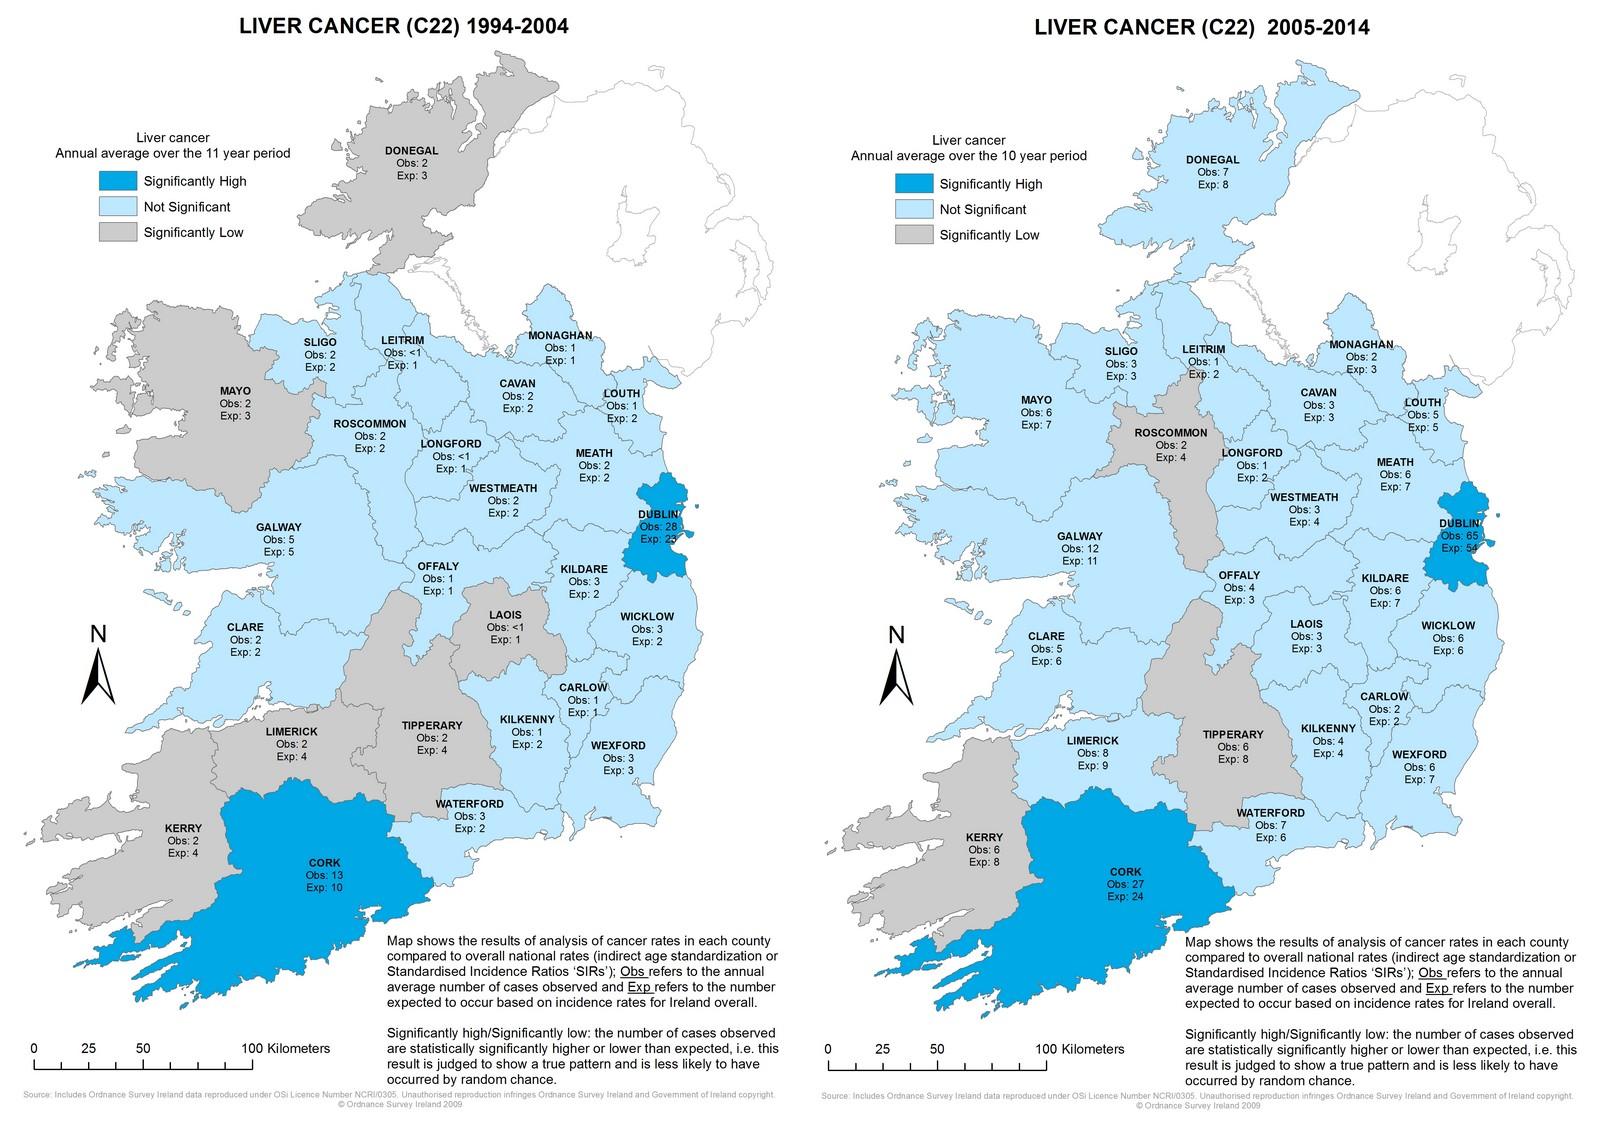 Liver 1994-2004 & 2005-2014 annual average